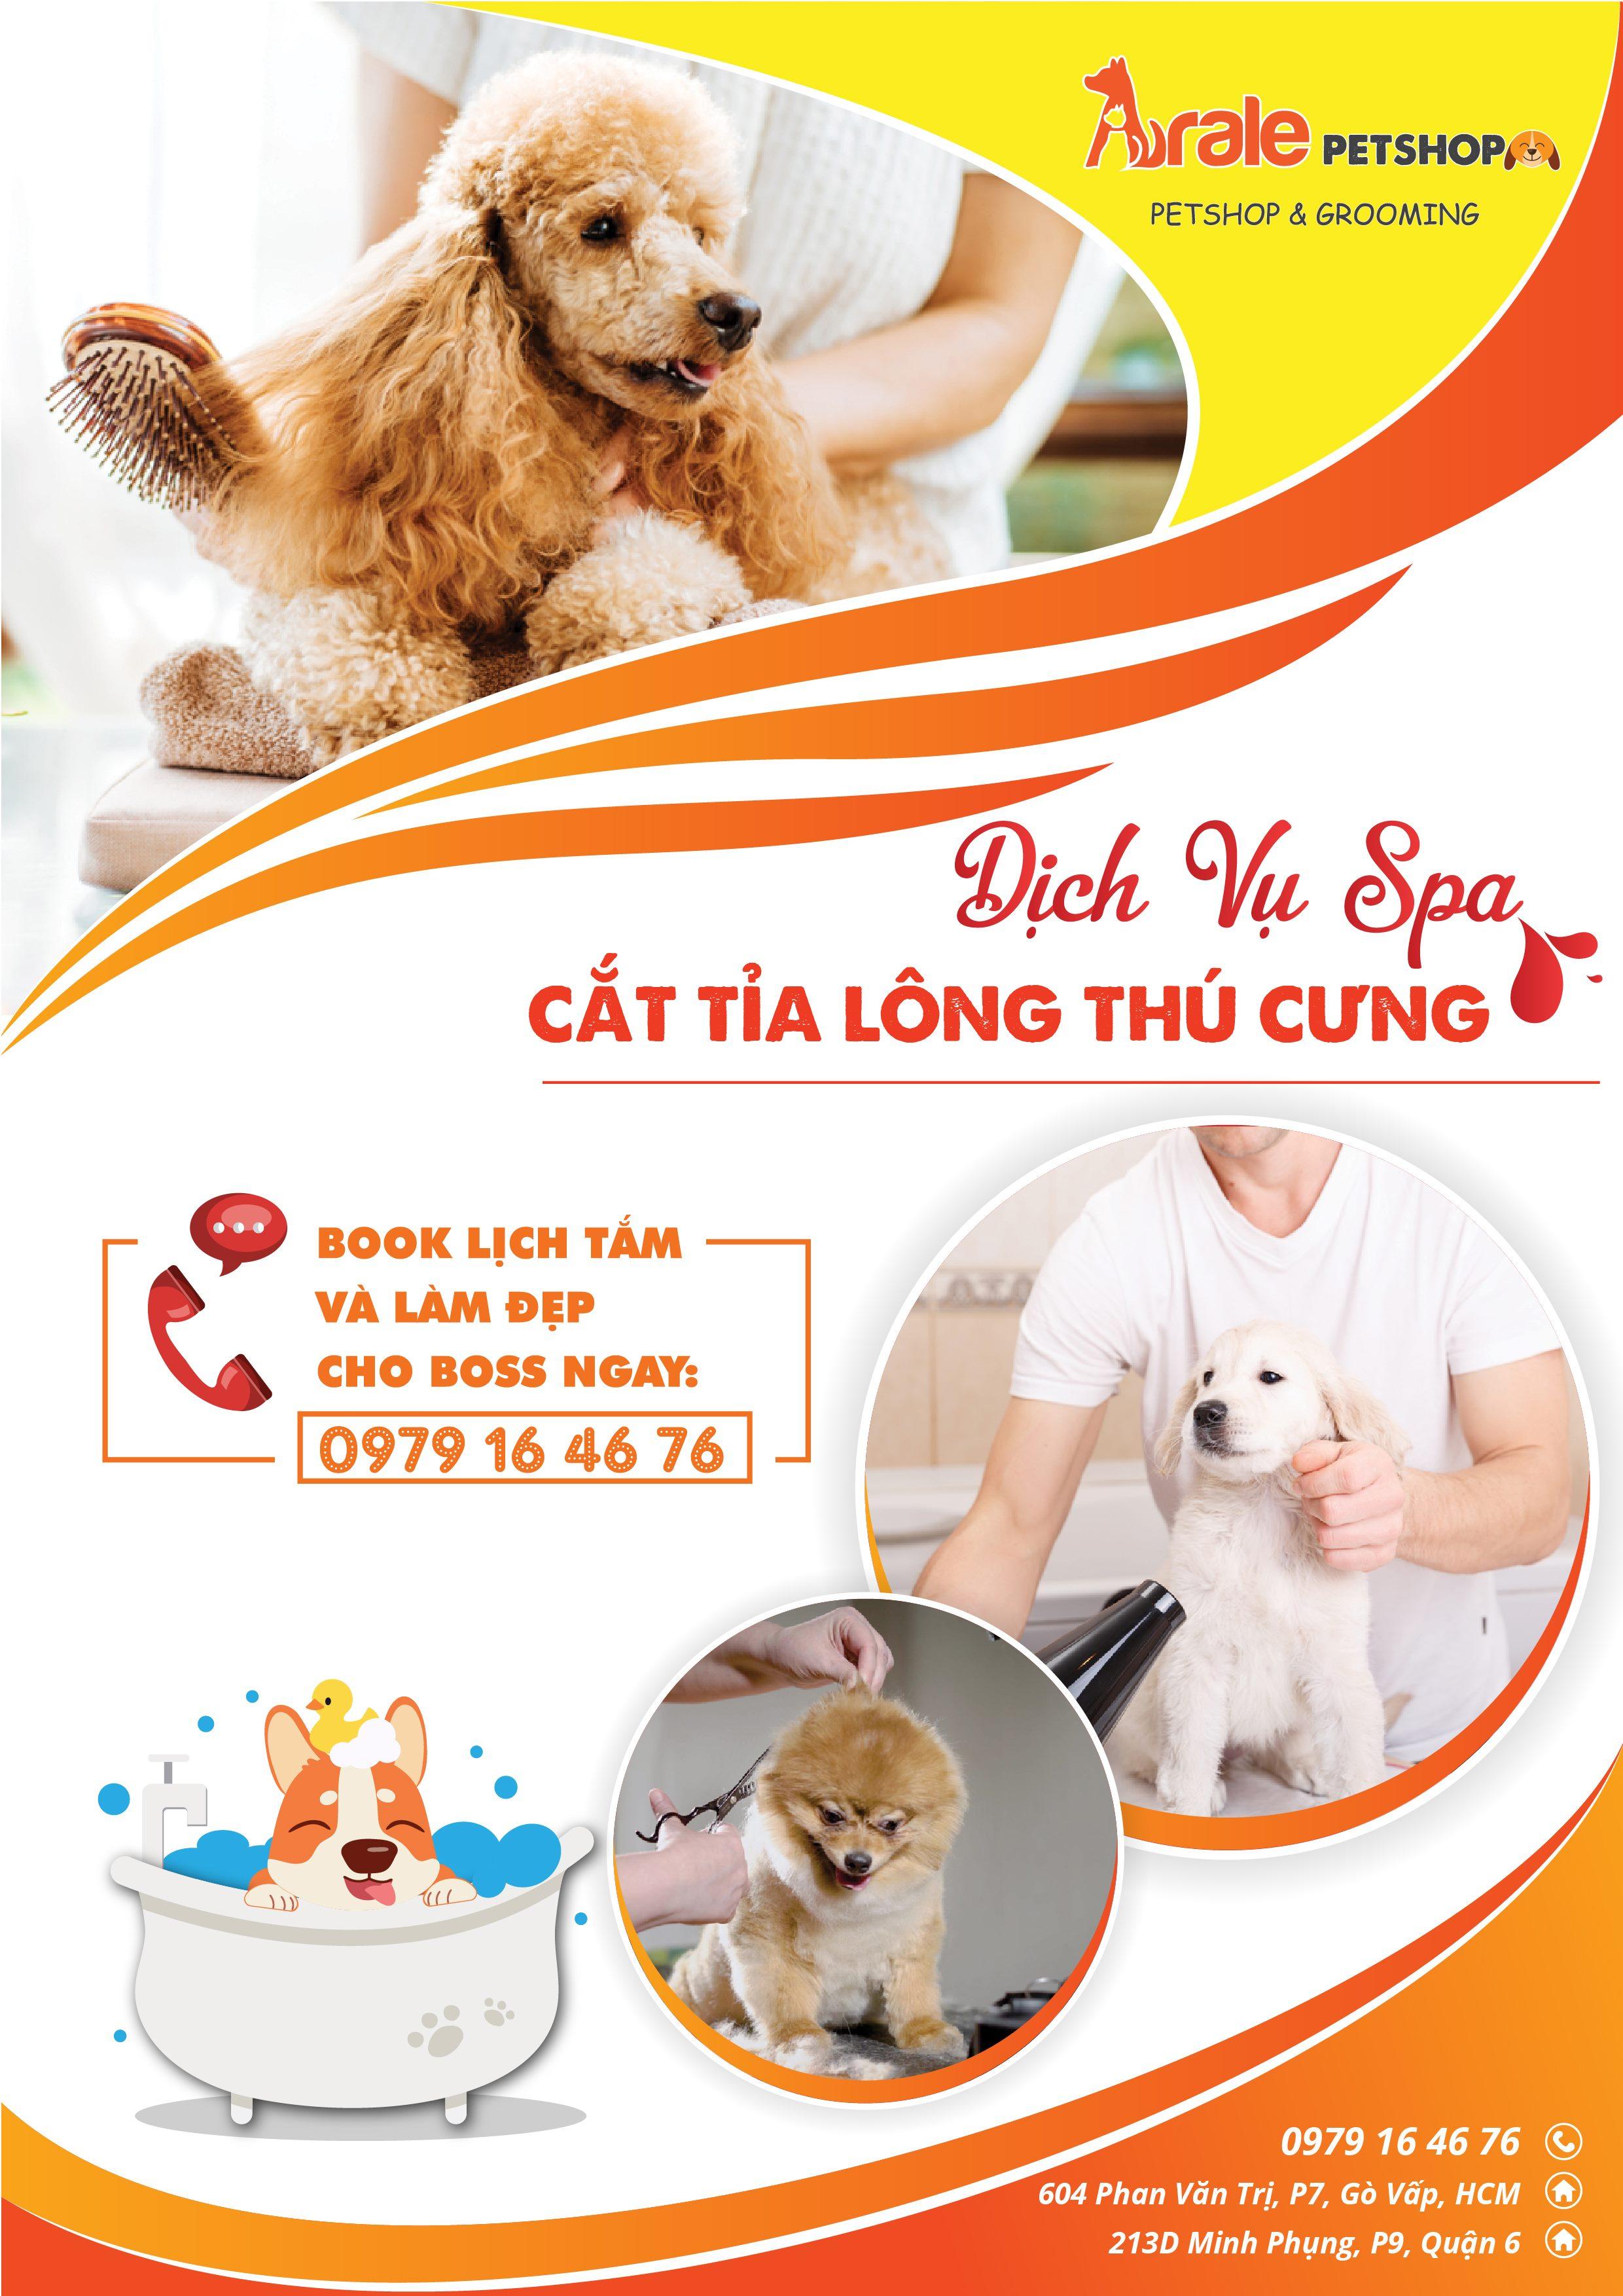 Nơi đáng tin cậy để các Ba Mẹ có thể gửi gắm thành viên đặc biệt của mình cho ARALE PET GROOMING cắt tỉa lông, vệ sinh tai, chân,...cho các bé.